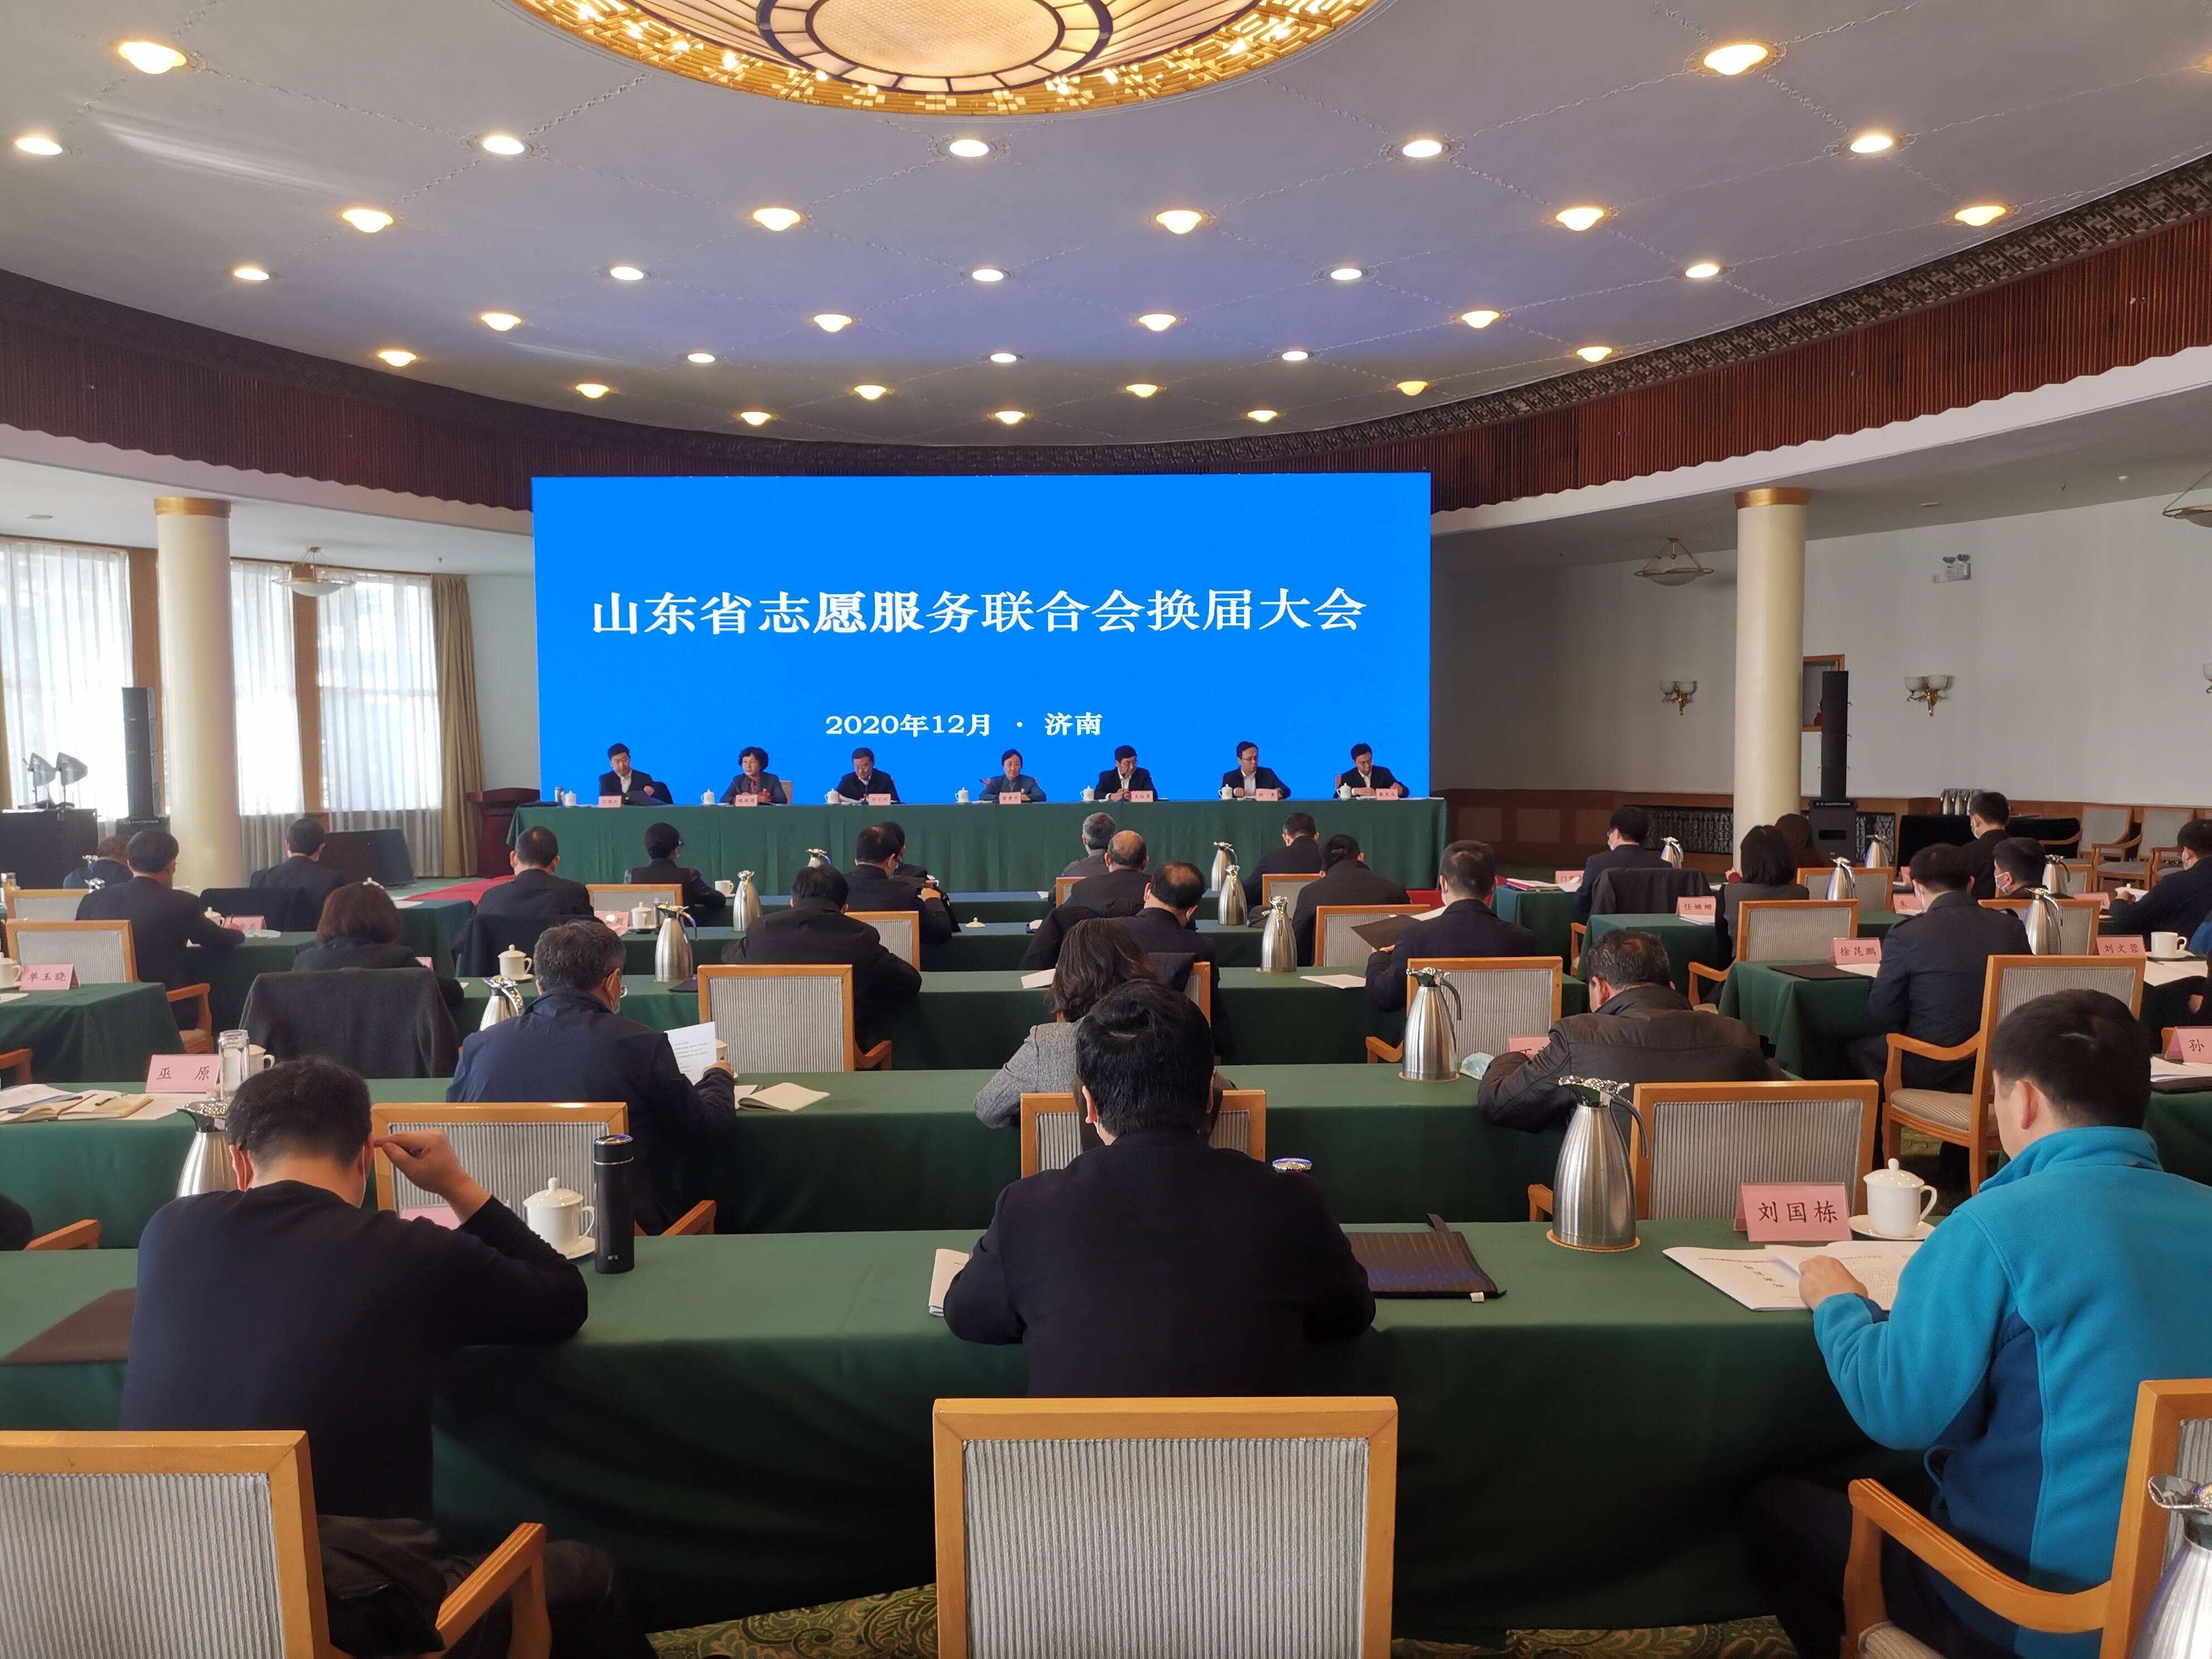 山东省志愿服务联合会换届大会举行 翟鲁宁当选新任会长